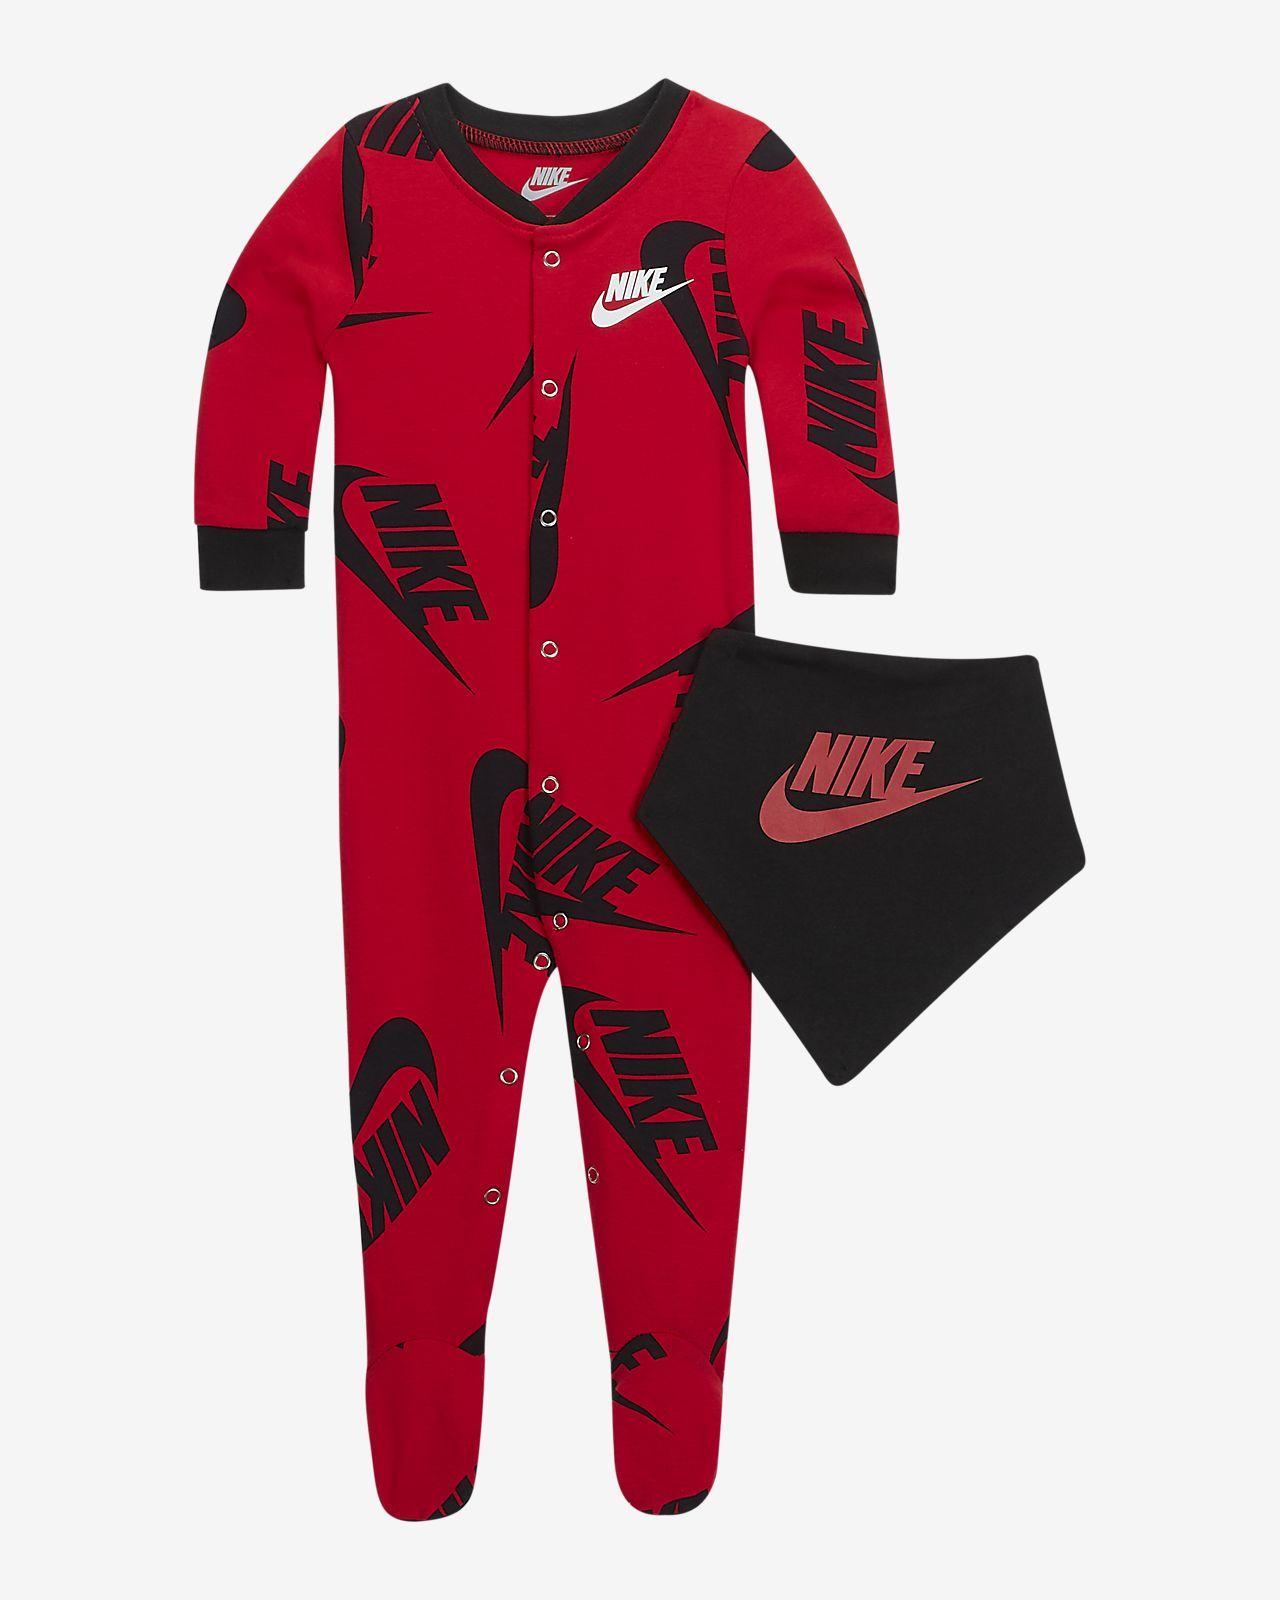 Dvoudílná souprava Nike Sportswear pro kojence s kombinézou a bryndáčkem